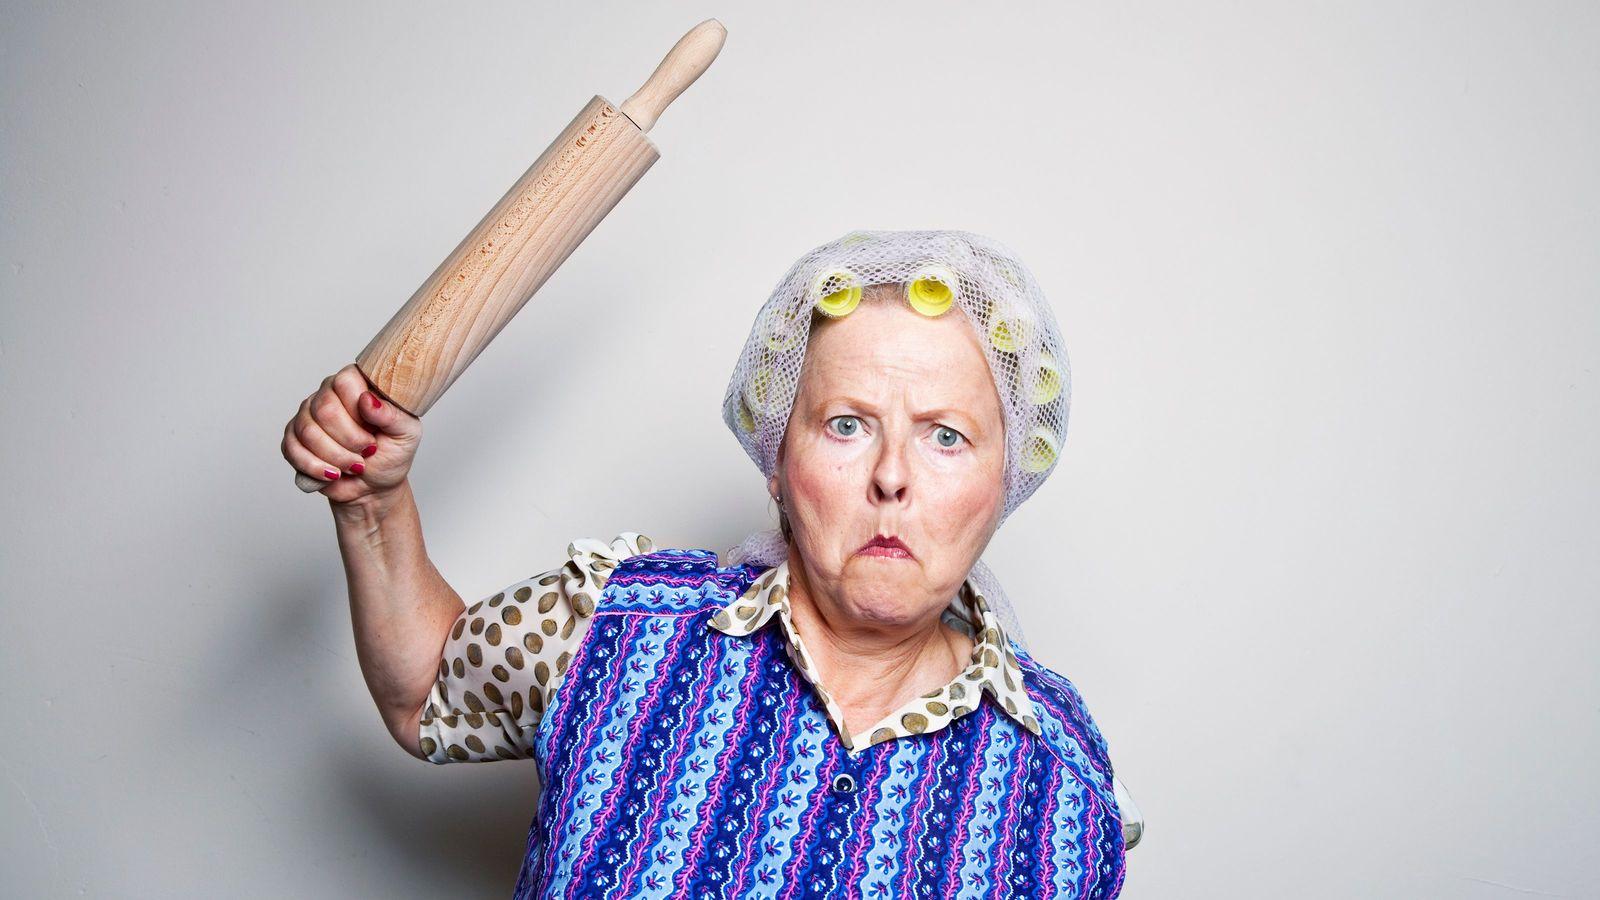 80代伯母が大激怒した40代甥の「お節介」の中身 「老老介護」は限界に近いのに…